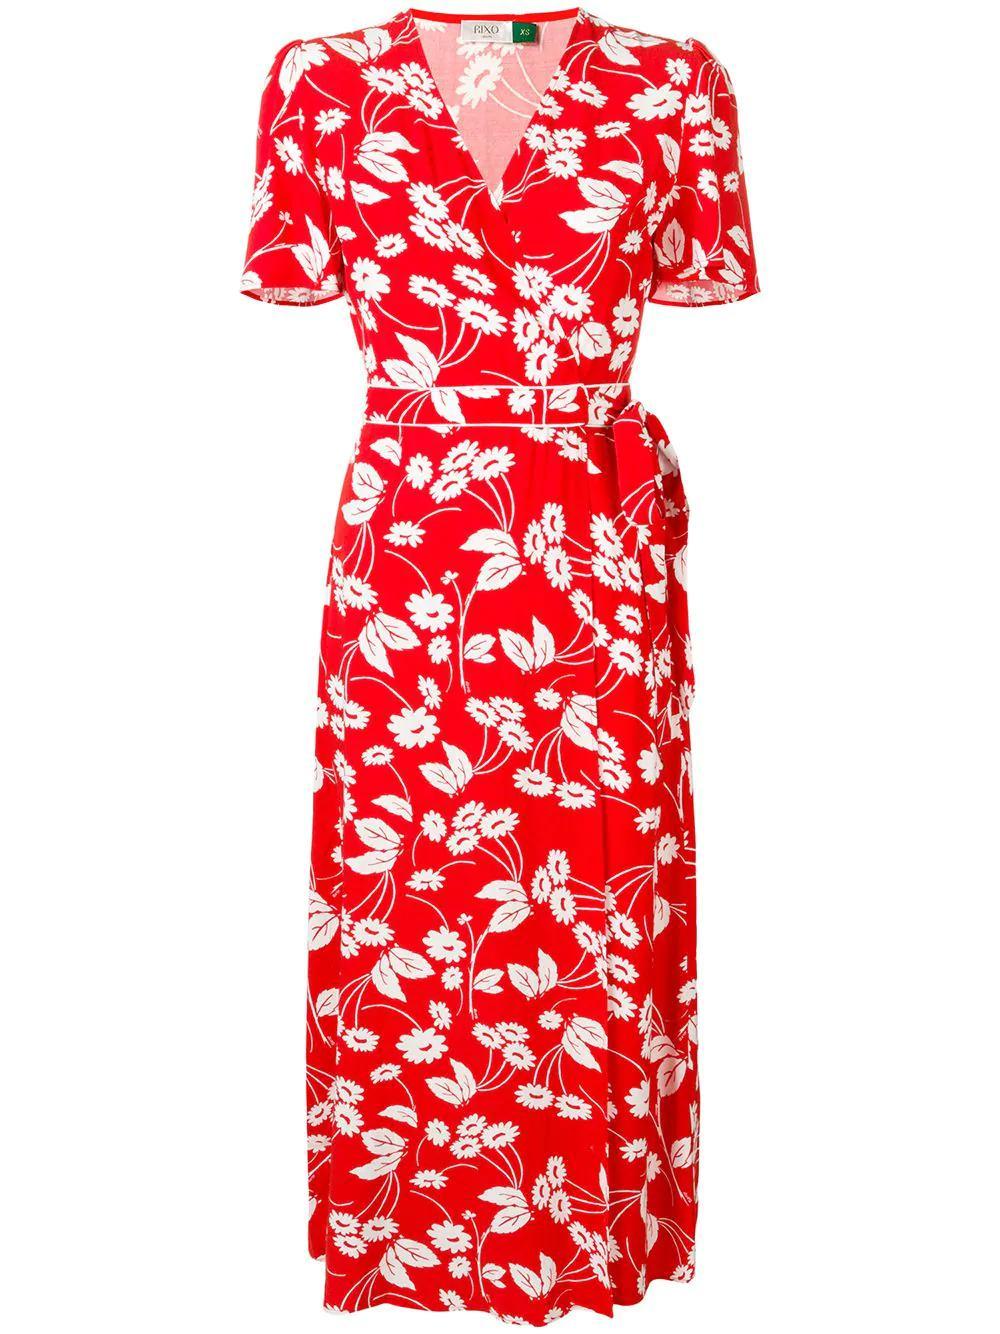 Rixo London Shauna Dress In Red